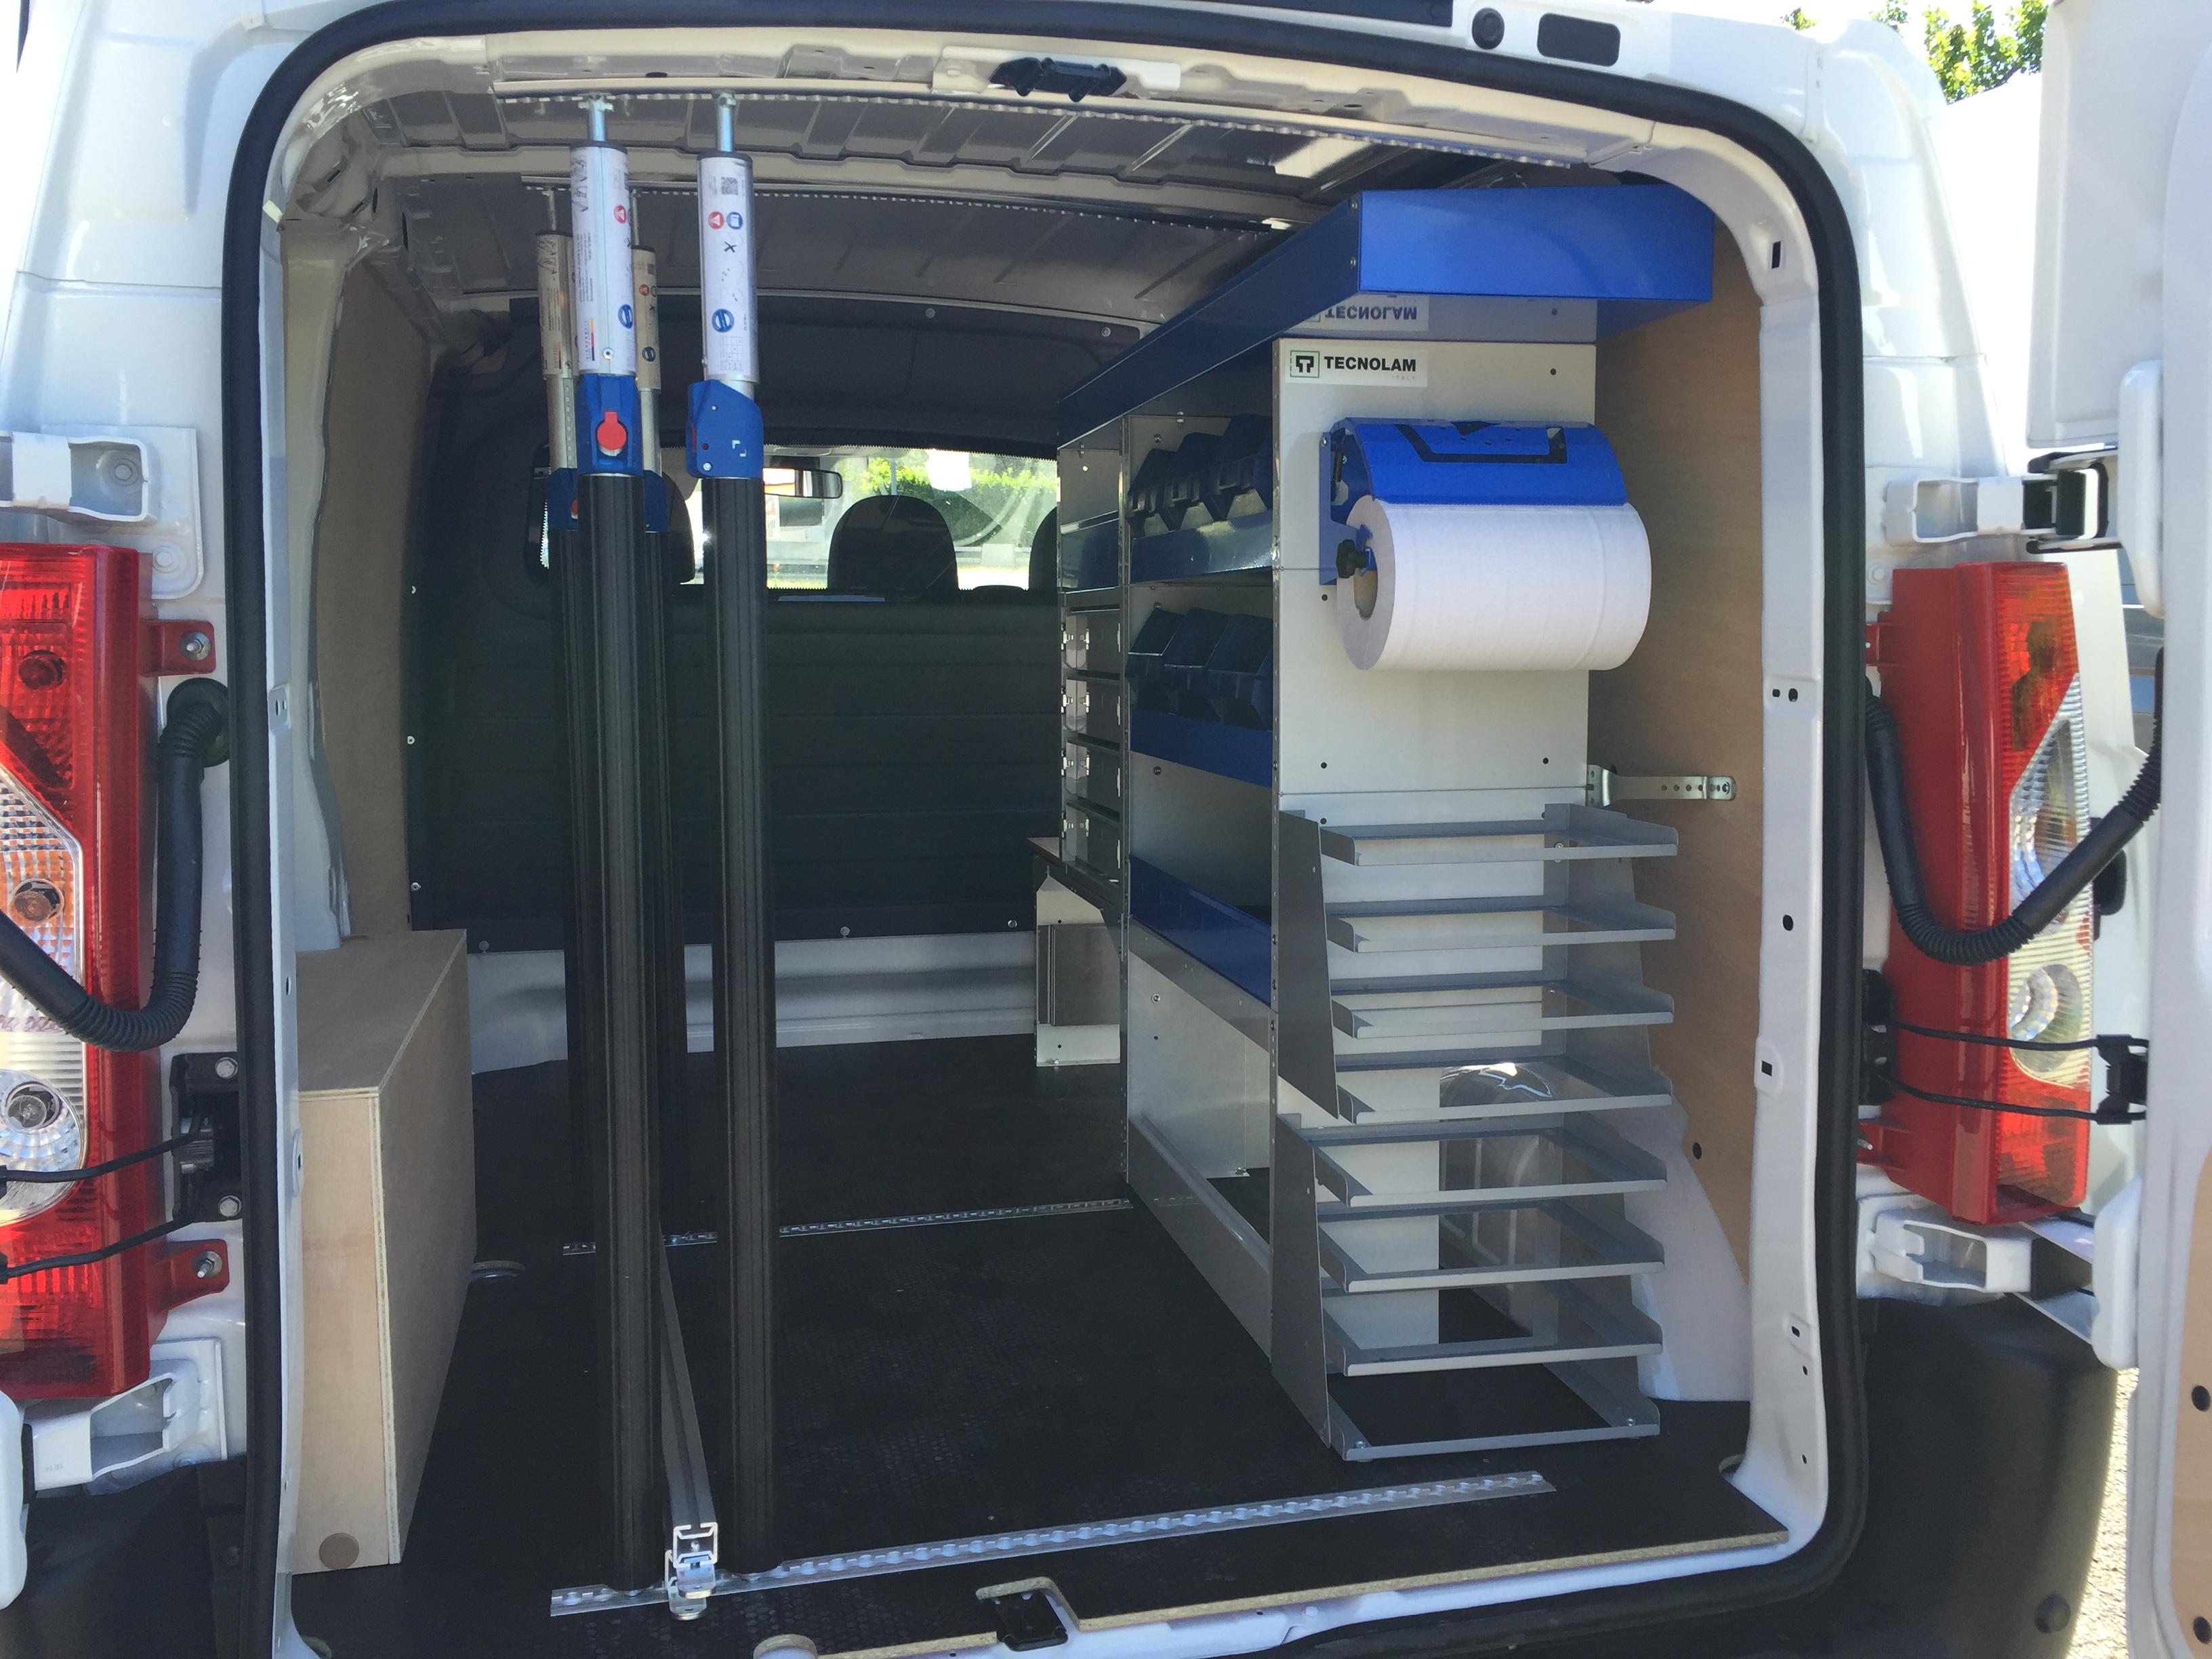 Meuble Salle De Bain Haut De Gamme ~ Amenagement Vehicule Utilitaire Amenagement Fourgon Techni Contact